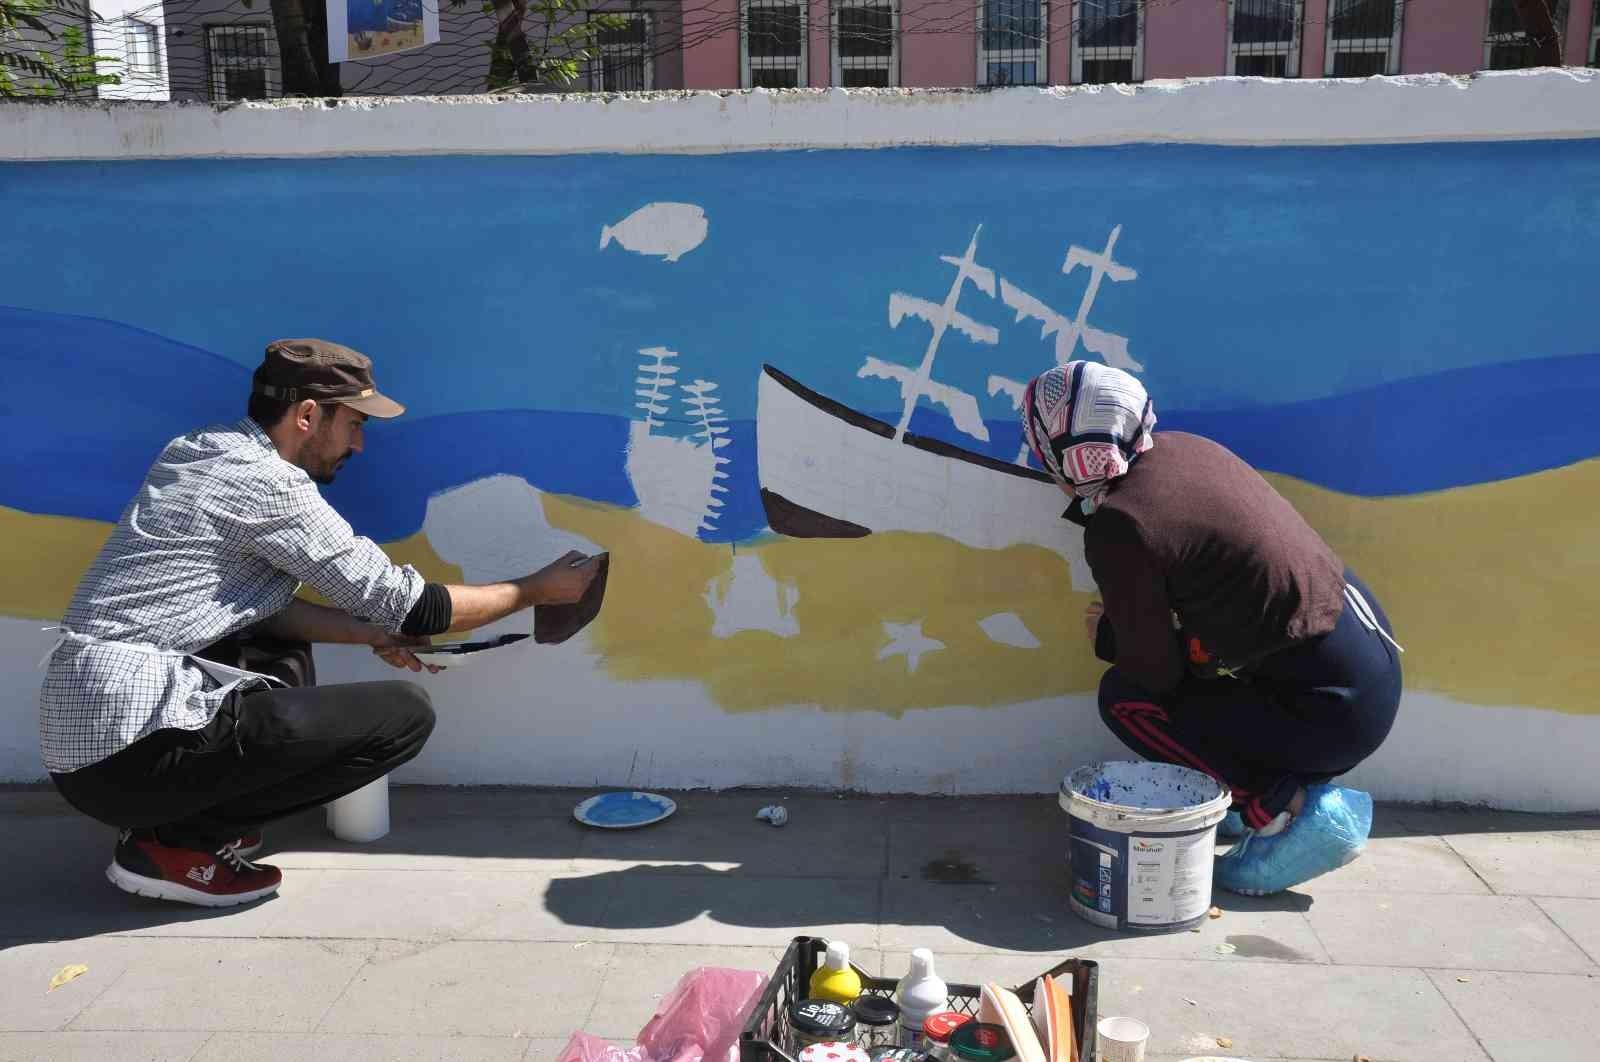 Bulanık'ta okul duvarları çizgi film kahramanlarıyla süsleniyor